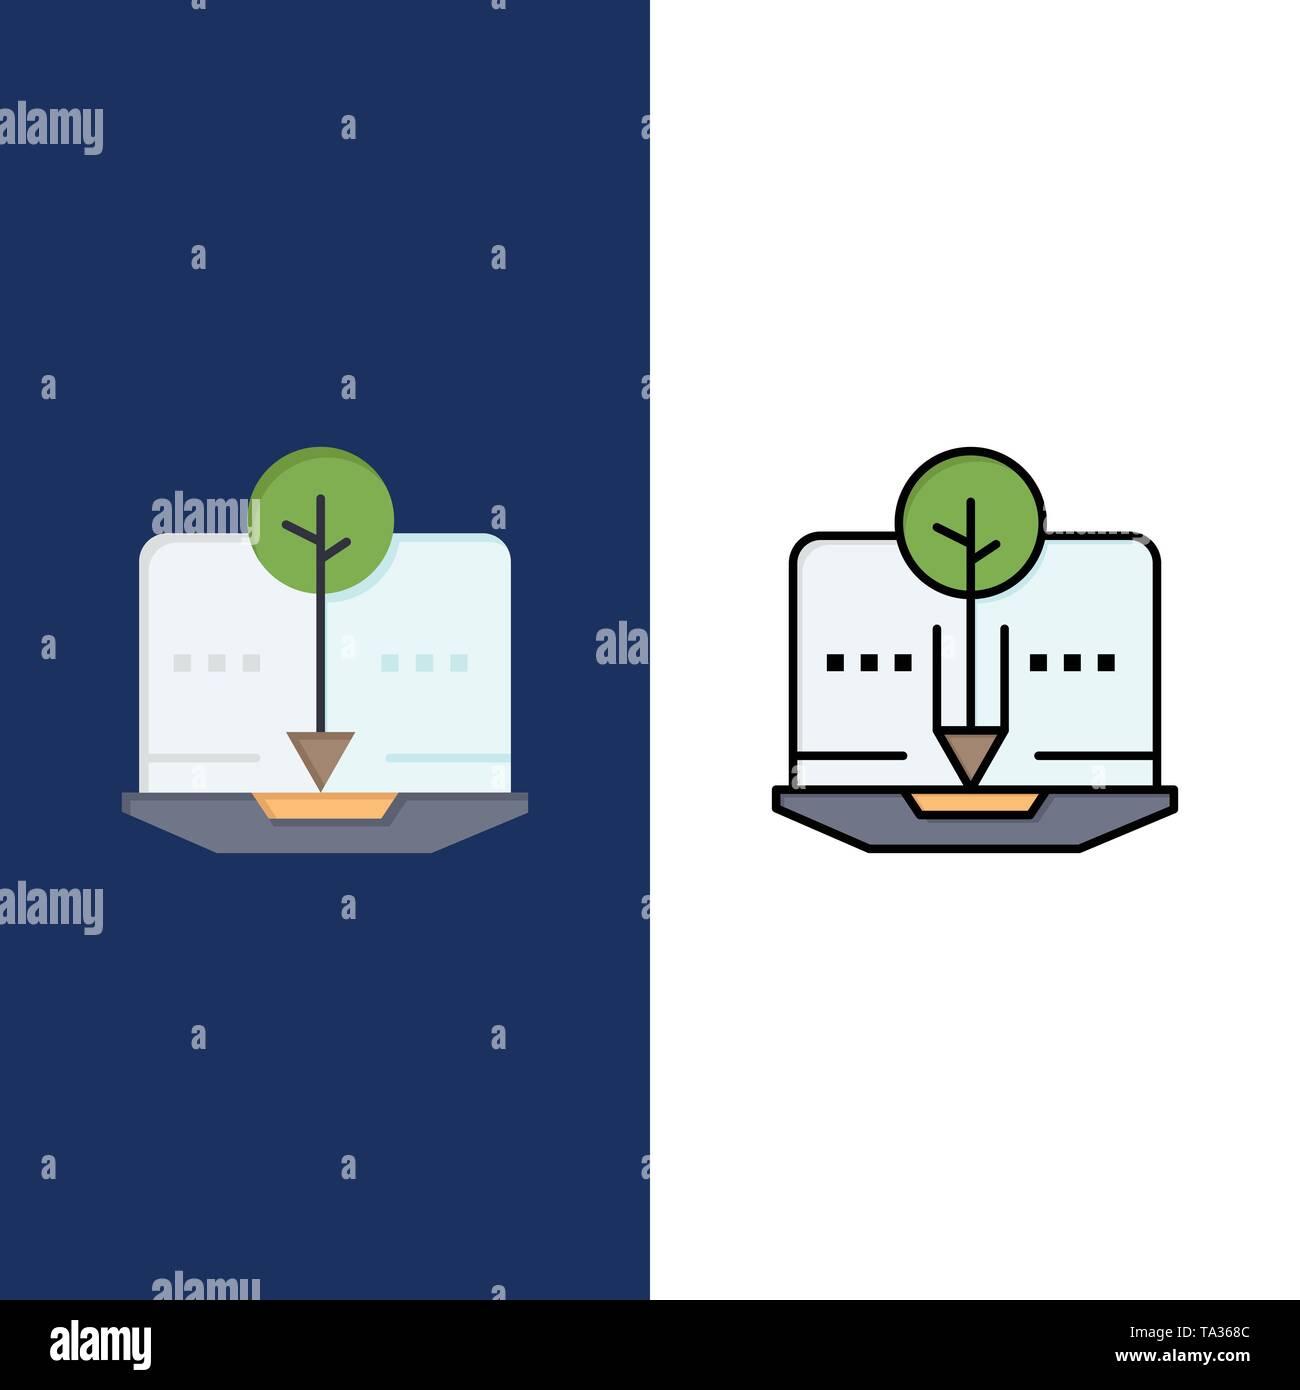 Organische, Inhalt, organische Inhalte, digitale Symbole. Flach und Online ausgefüllt Icon Set Vektor blauem Hintergrund Stockbild